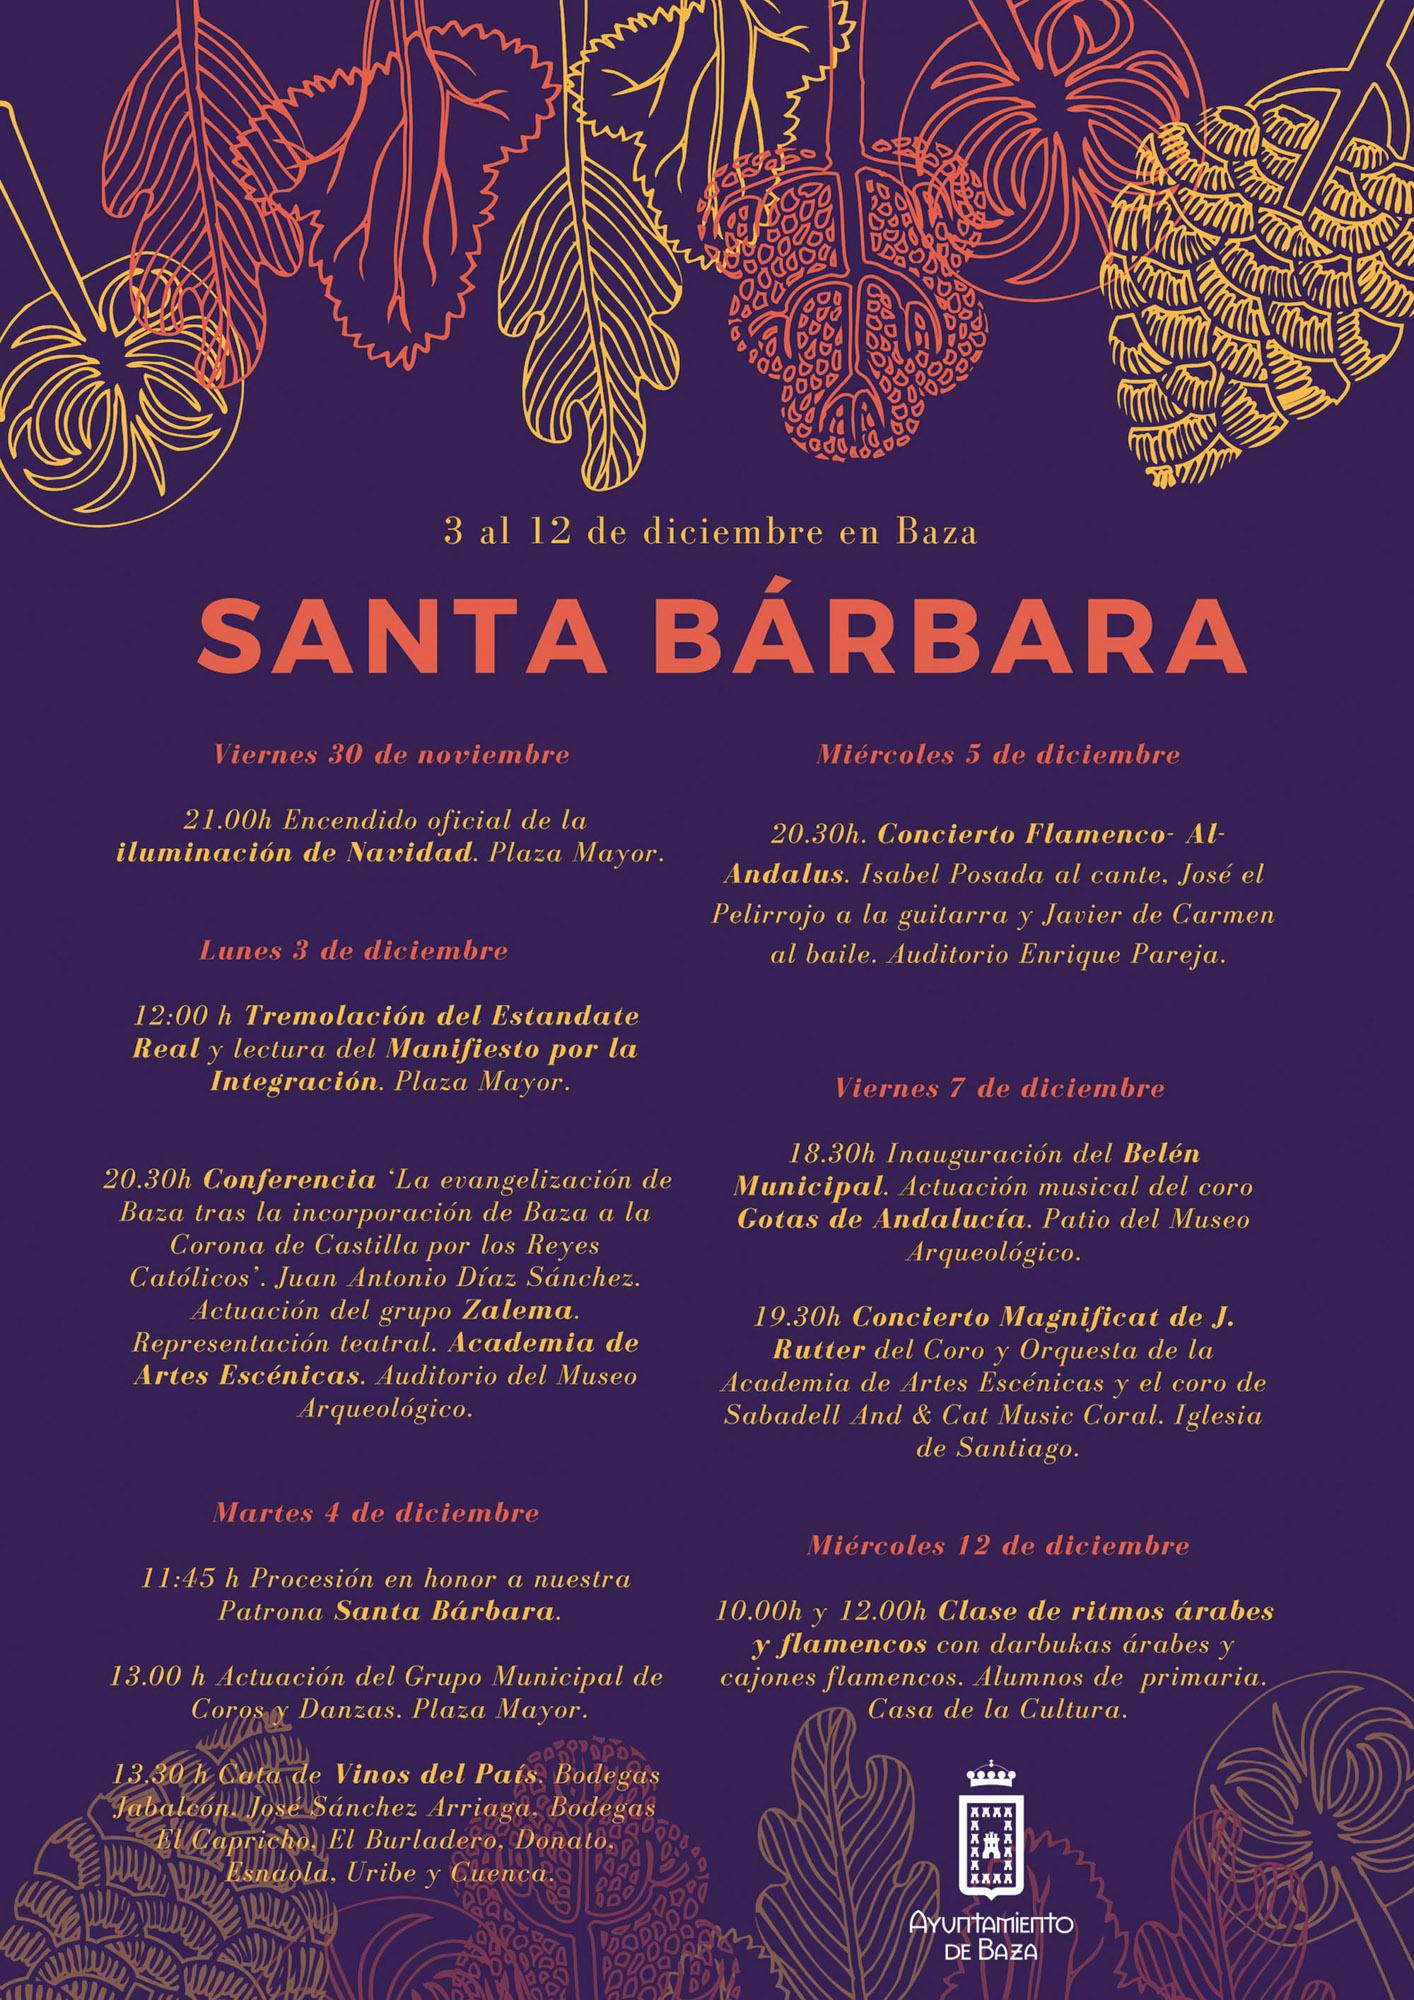 Programación Santa Bárbara